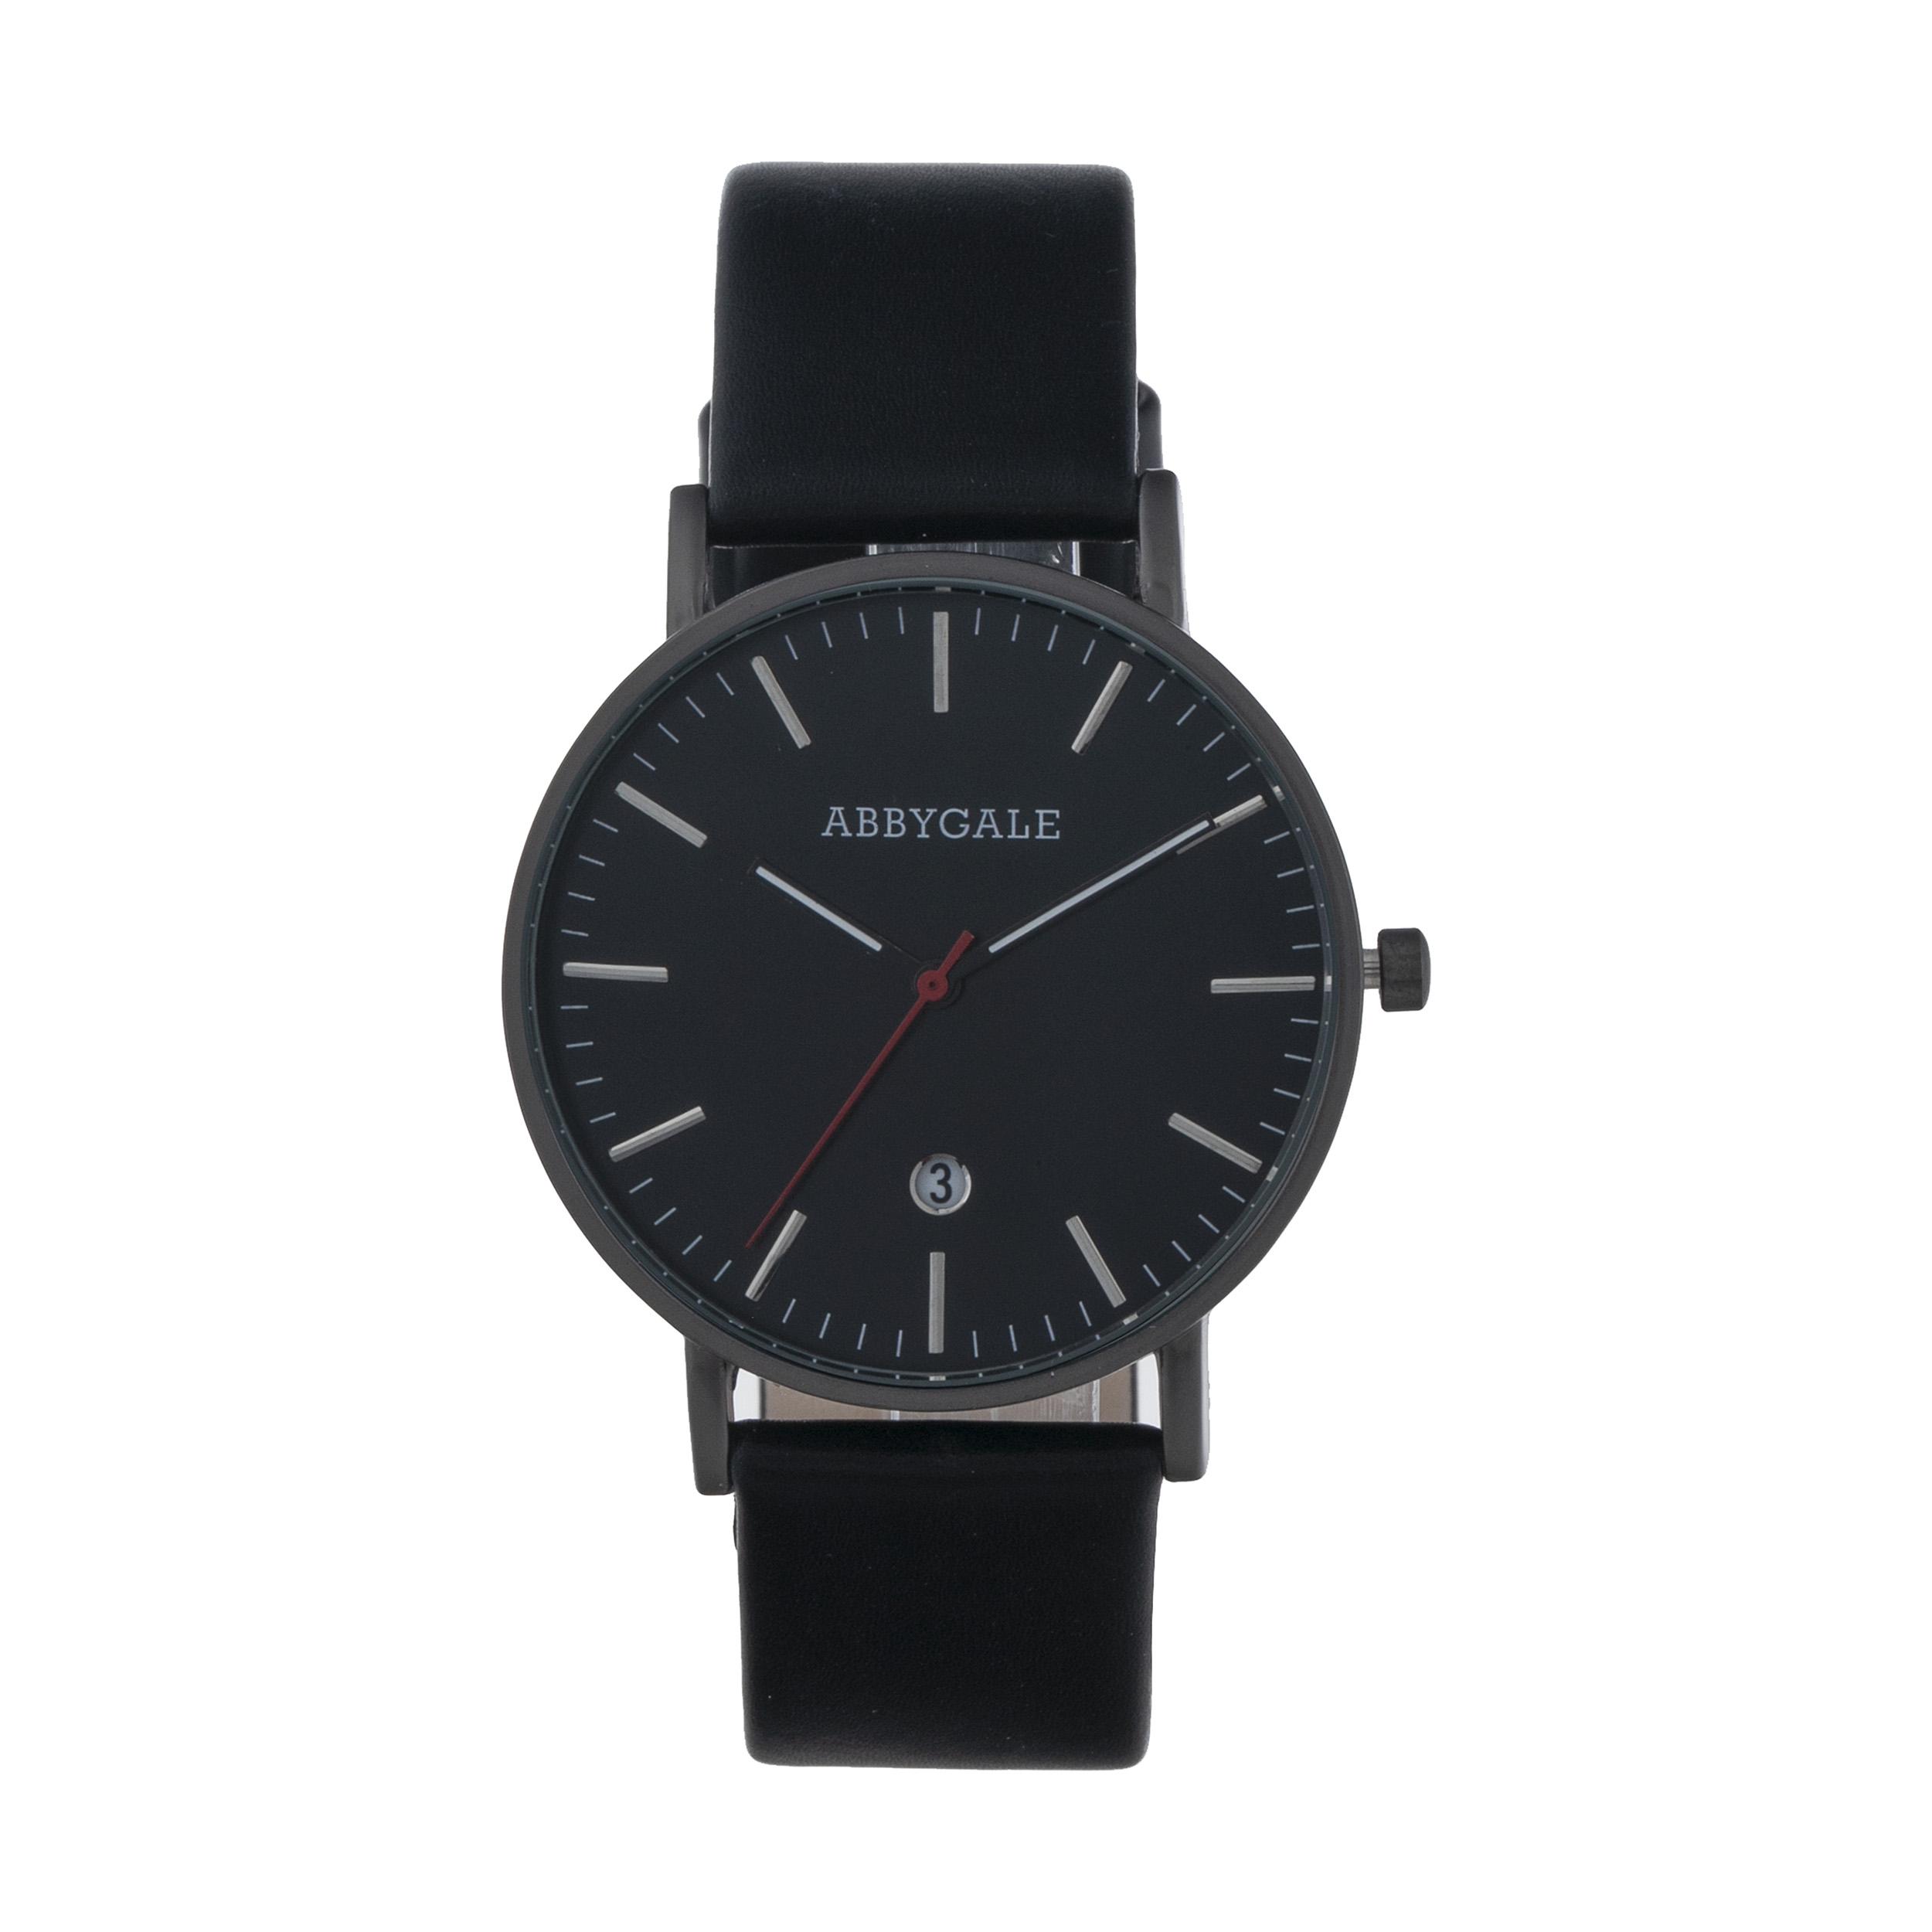 ساعت مچی عقربه ای مردانه ابیگیل مدل BLACK 31